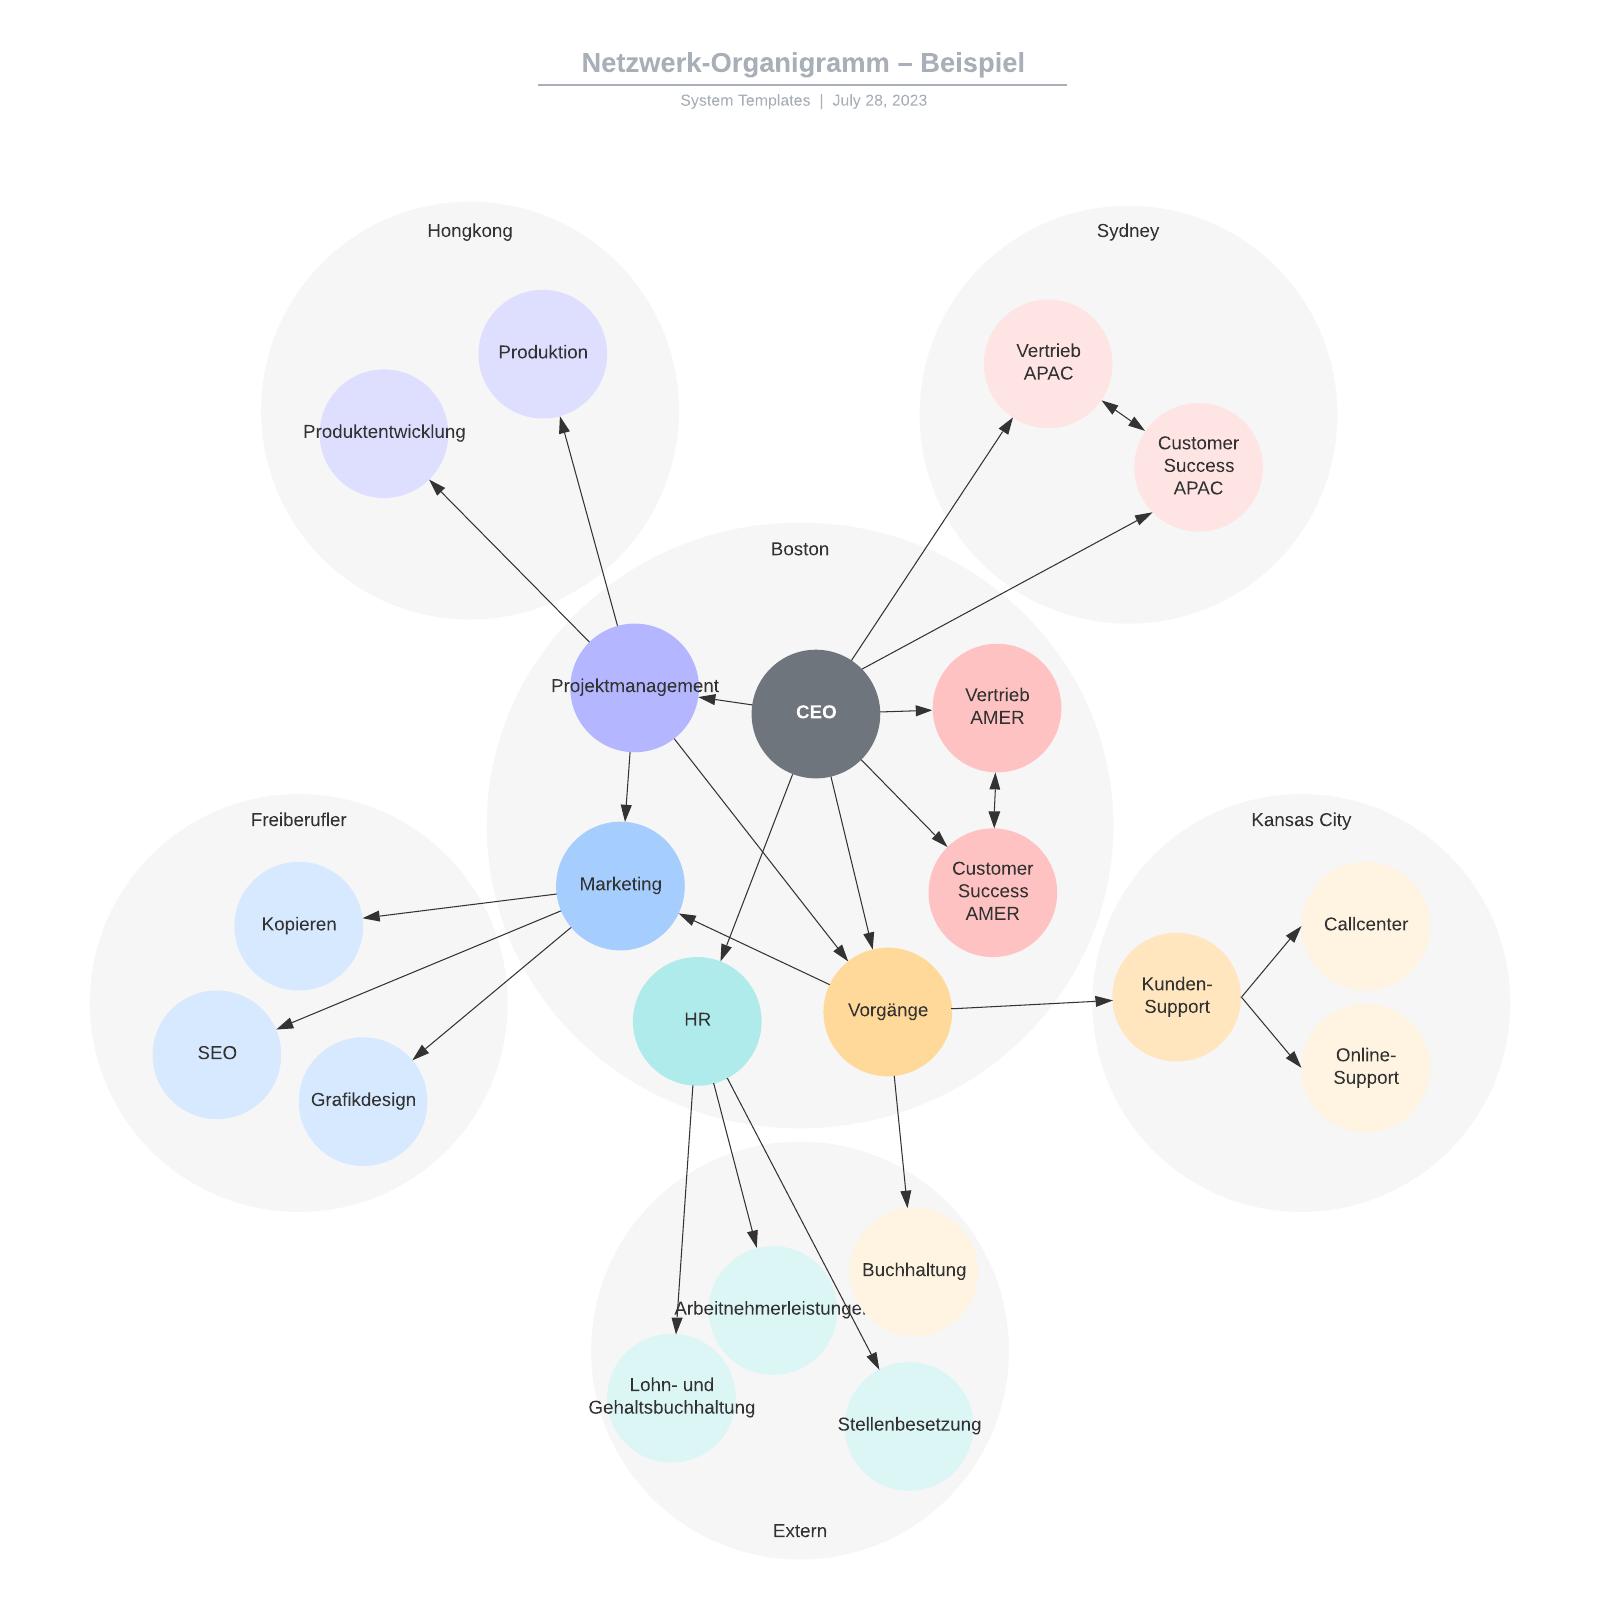 Netzwerk-Organigramm– Beispiel